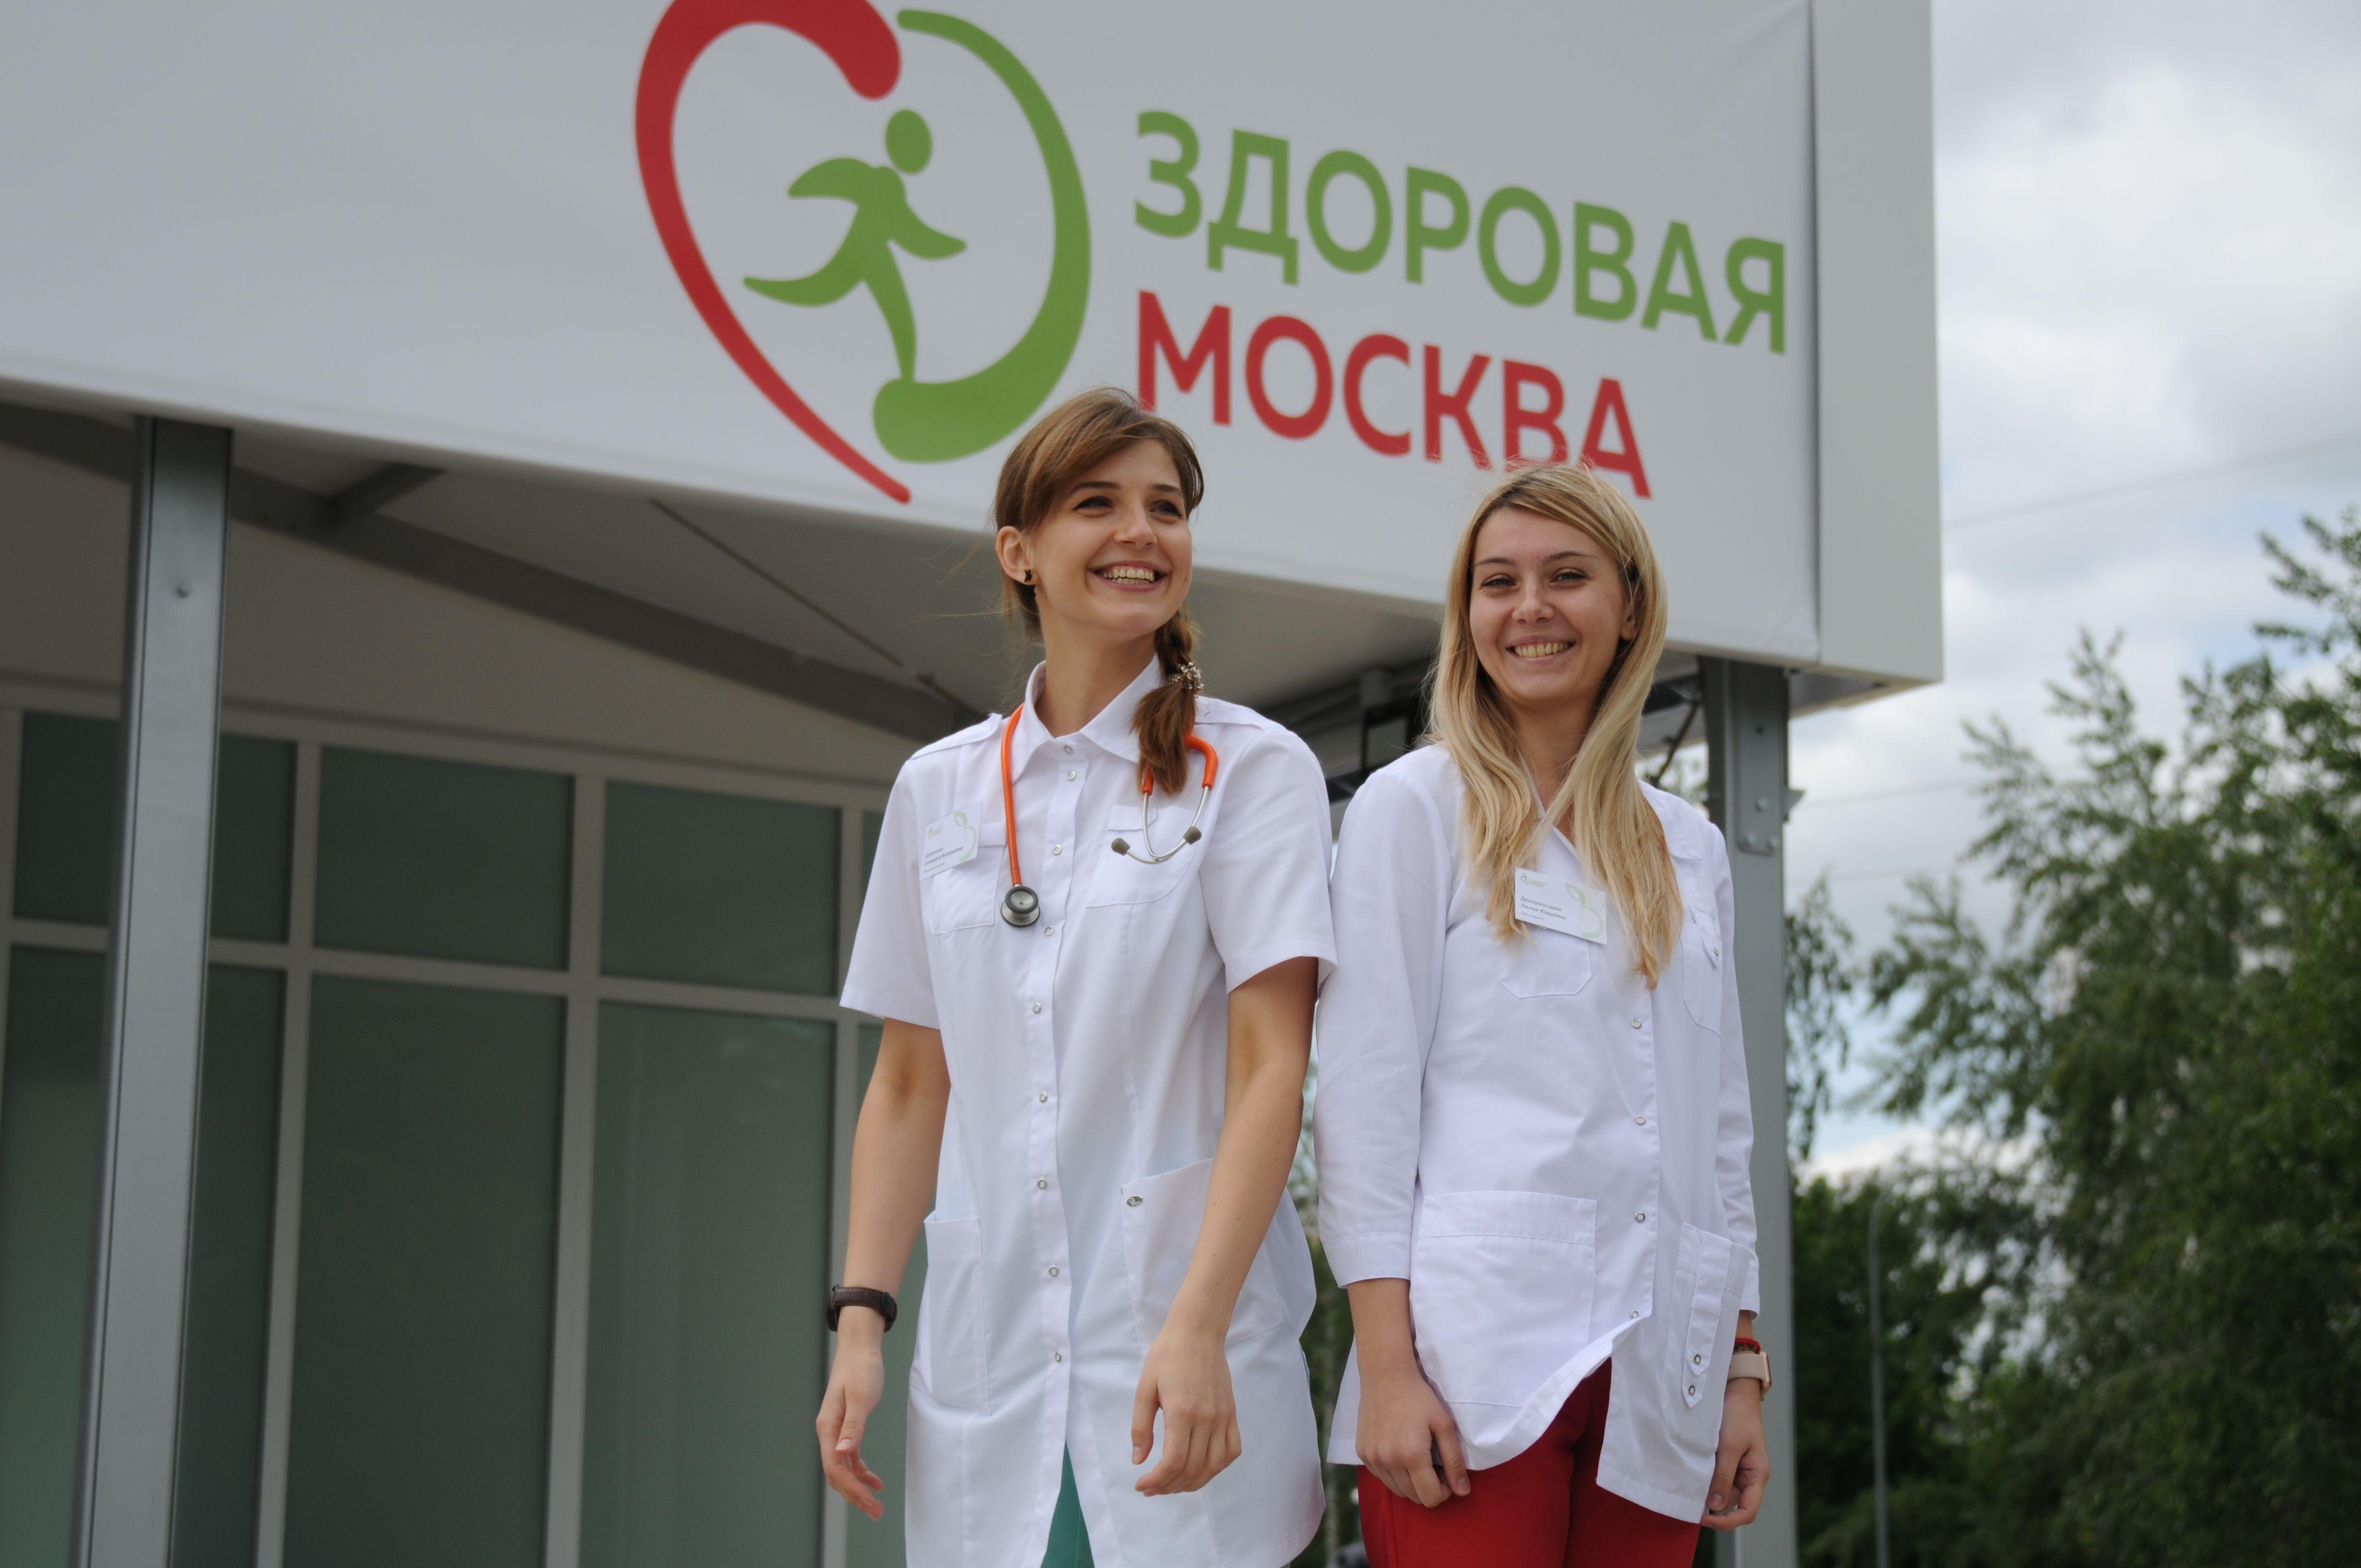 Более 200 тыс человек обследовались в павильонах «Здоровая Москва»